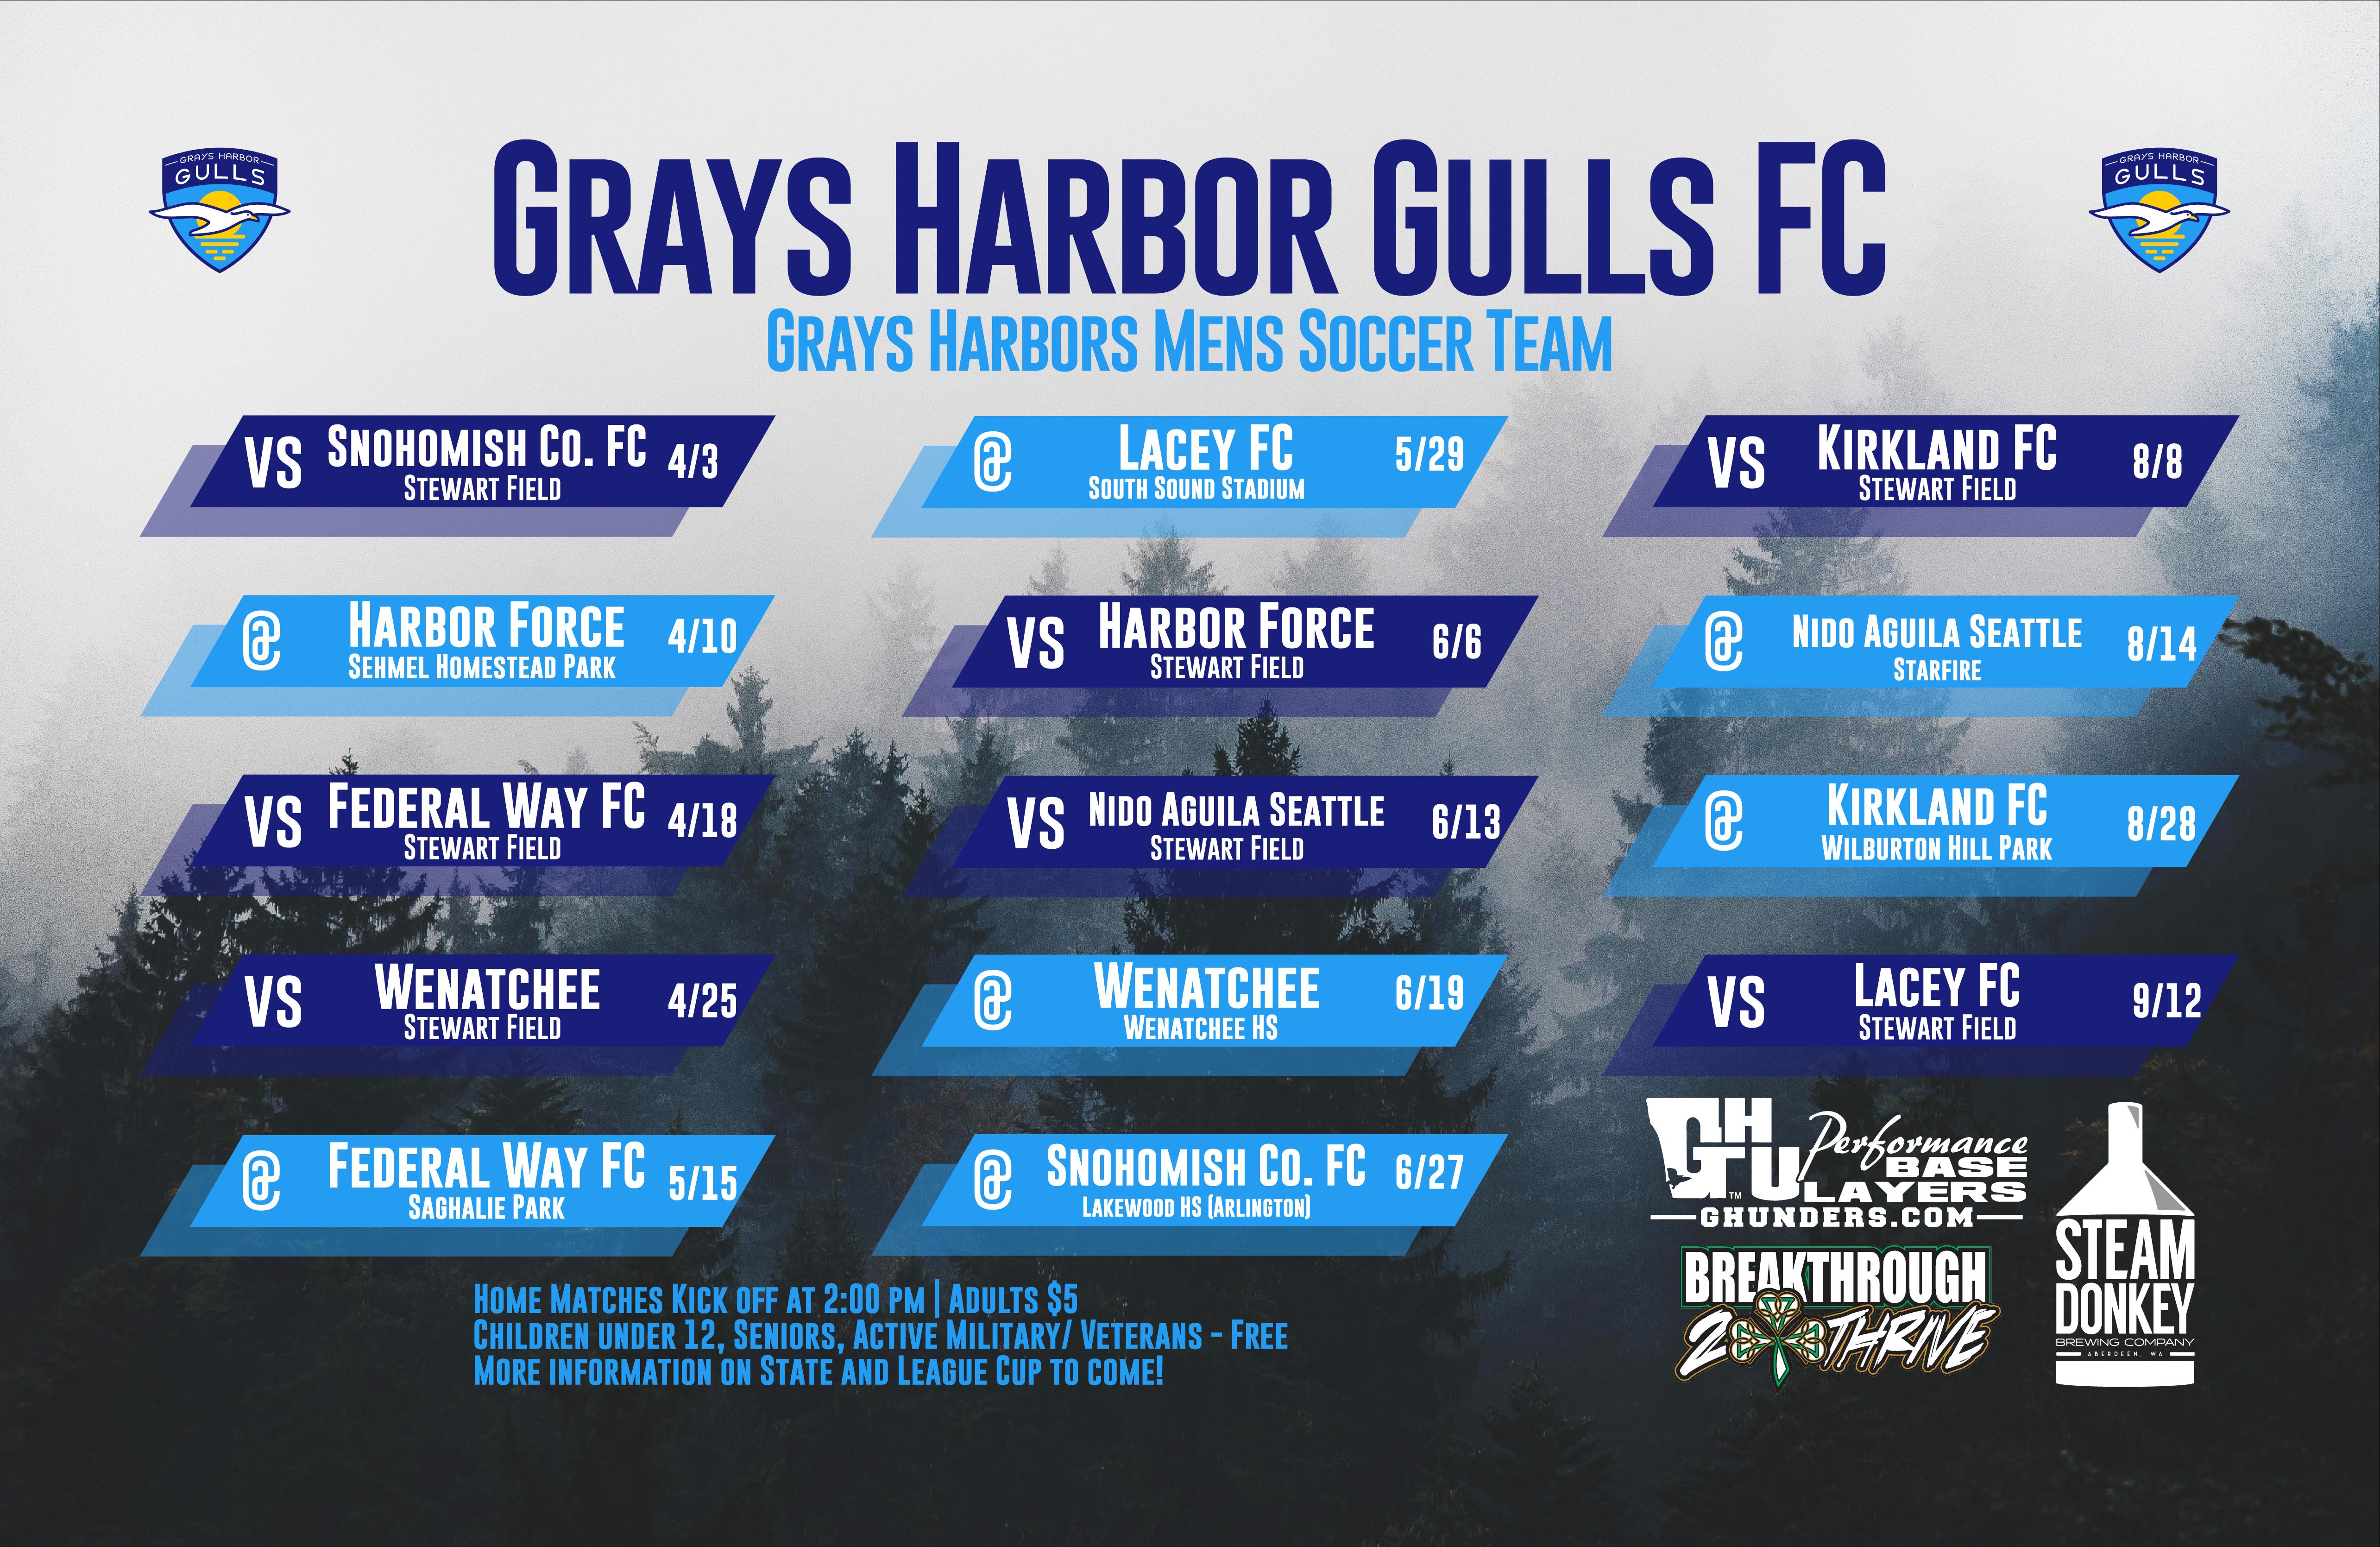 Gulls Schedule